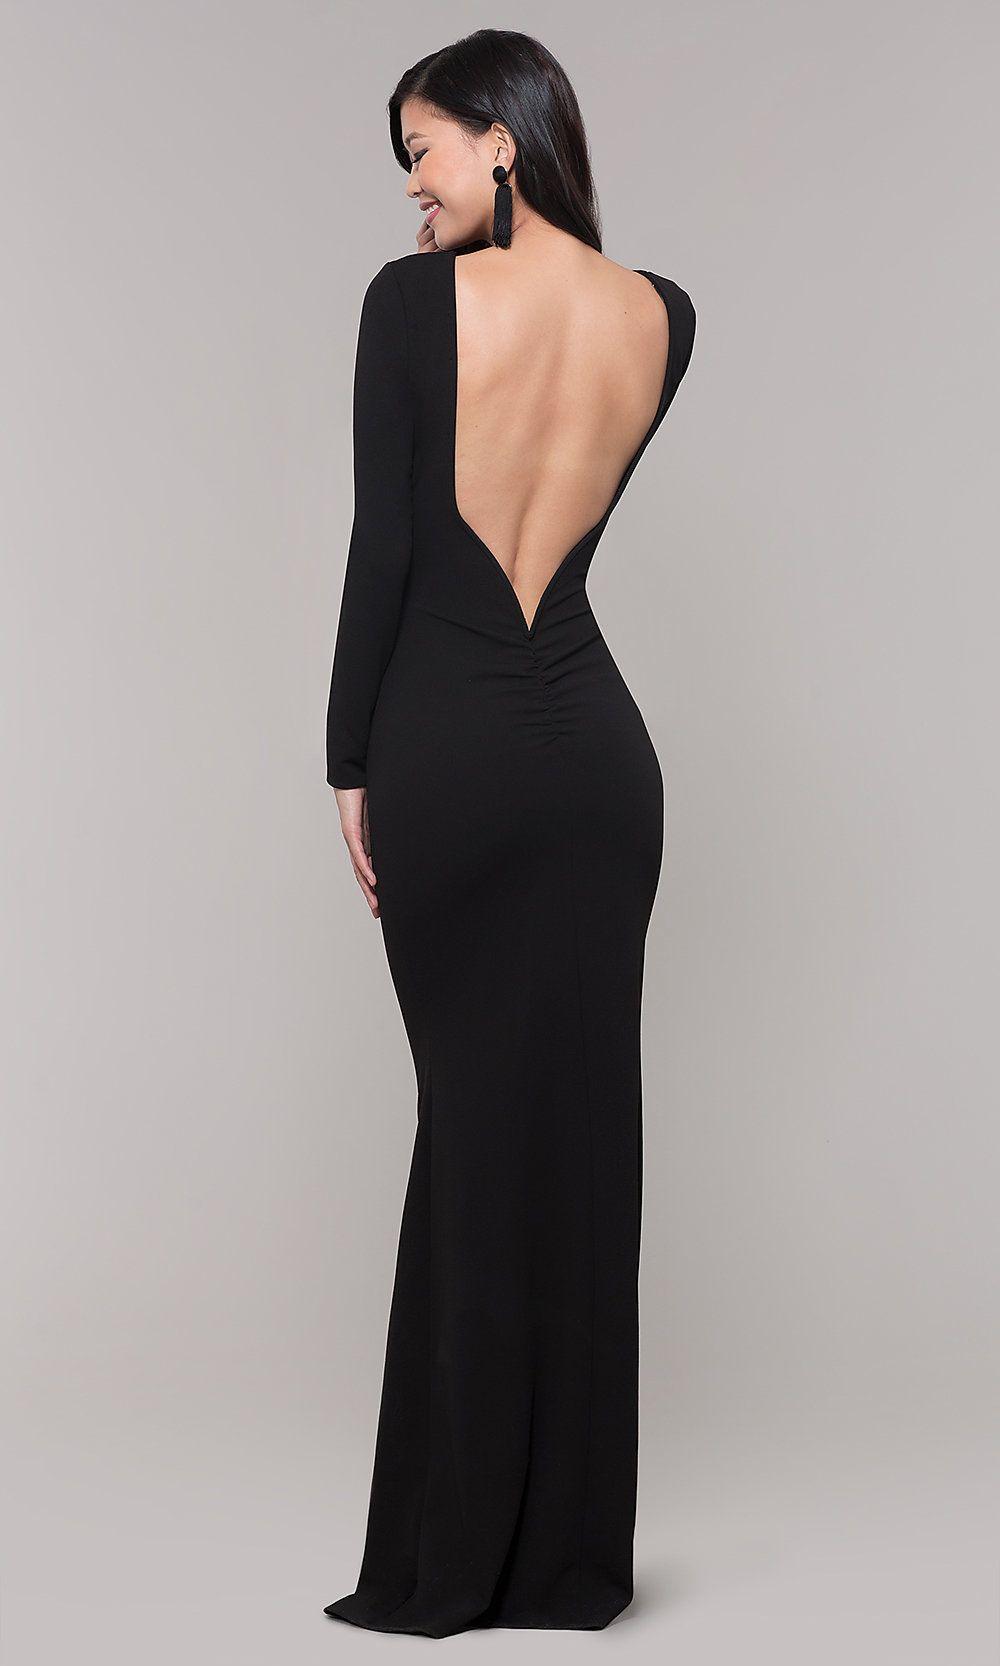 34++ Long sleeve low back dress ideas